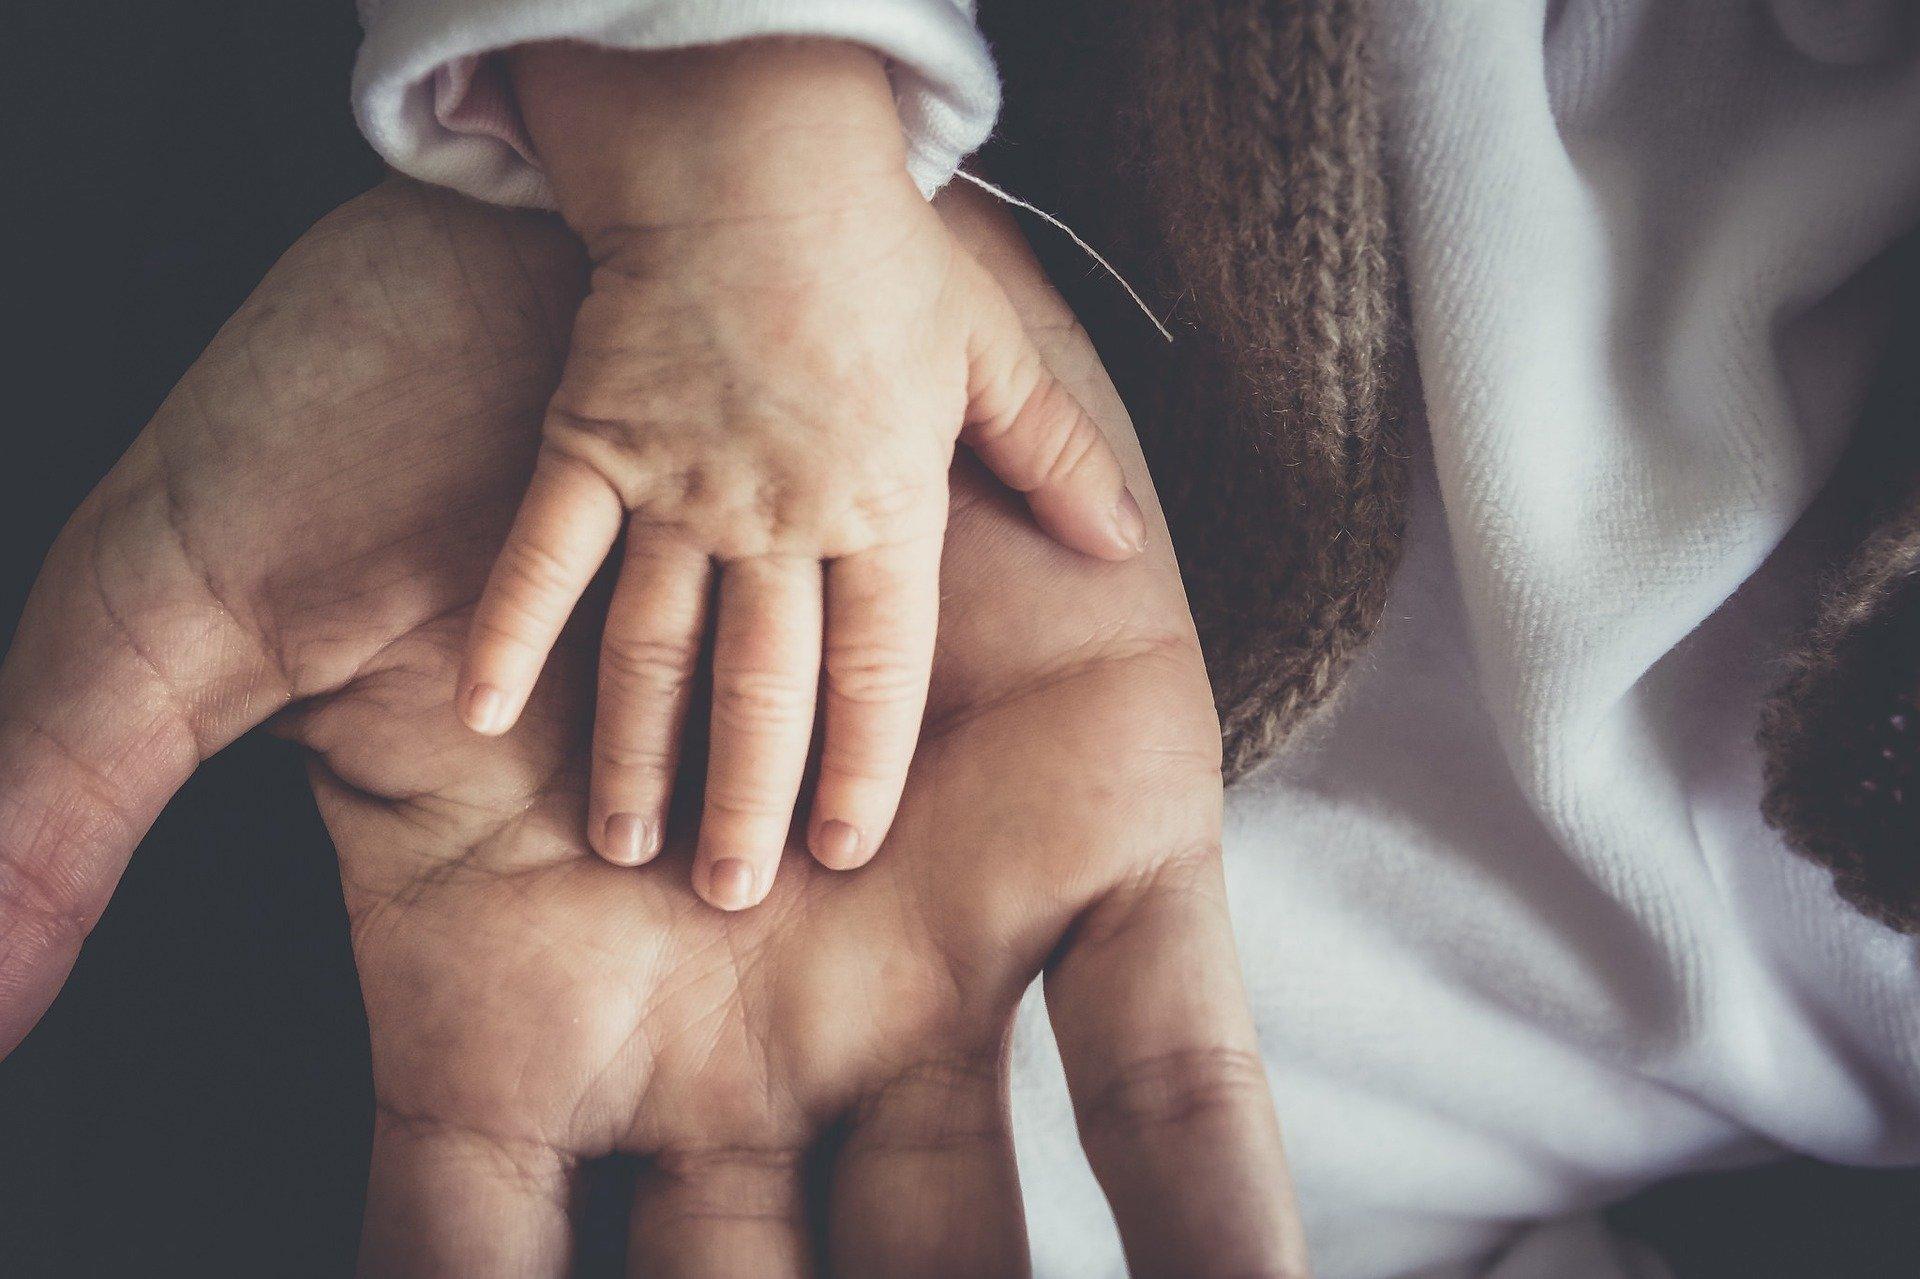 Enhedslisten sætter fokus på fædrene